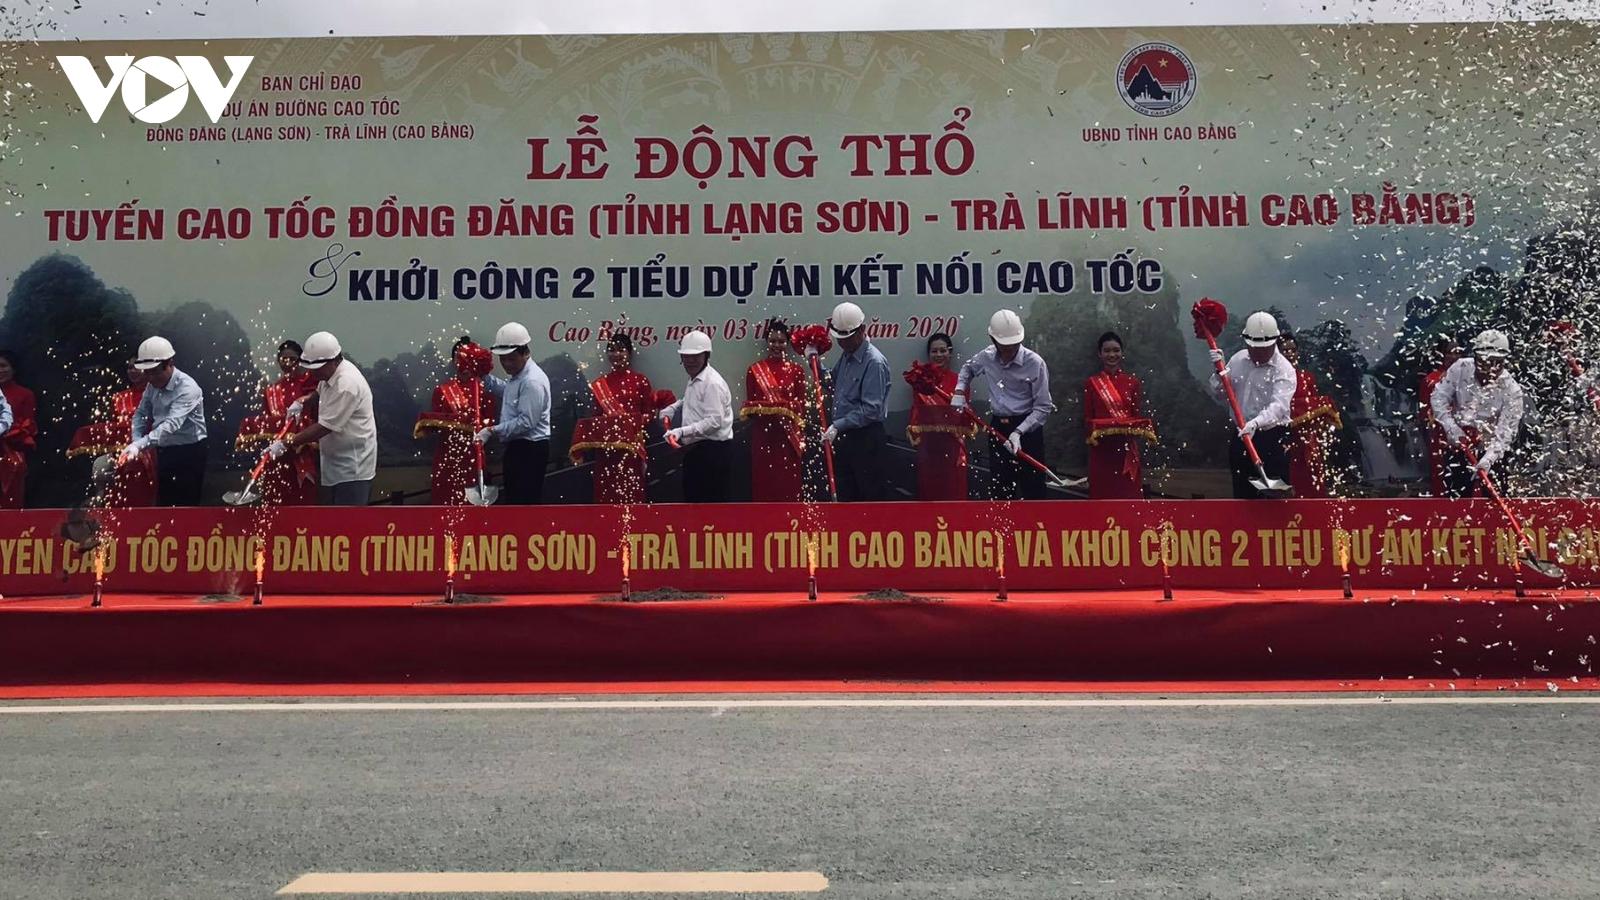 Chính thức động thổ tuyến cao tốc Đồng Đăng (Lạng Sơn) - Trà Lĩnh (Cao Bằng)